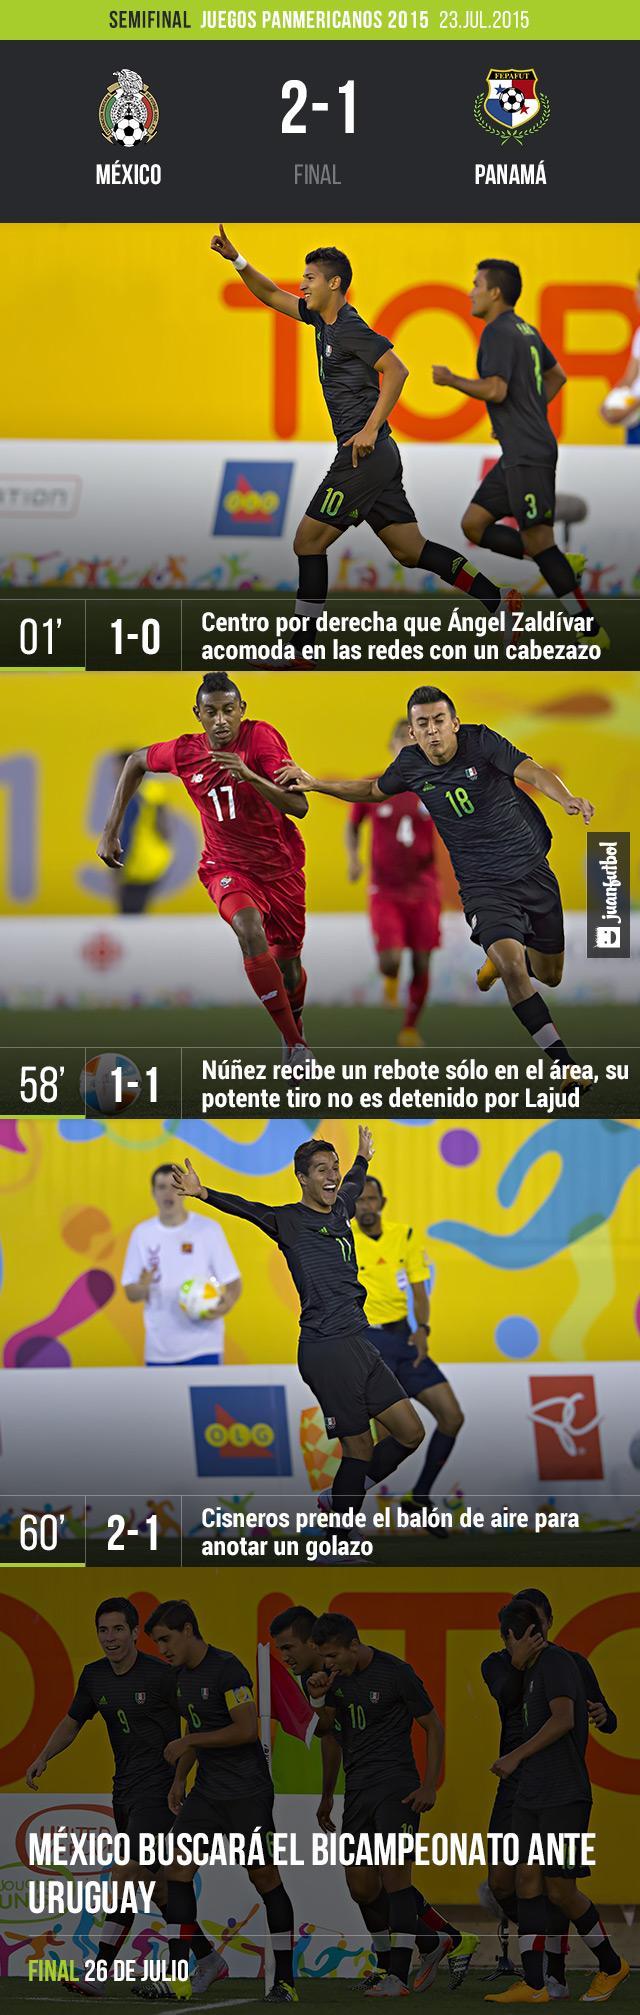 México derrota 2-1 a Panamá para clasificarse a la Final de los Panamericanos Toronto 2015